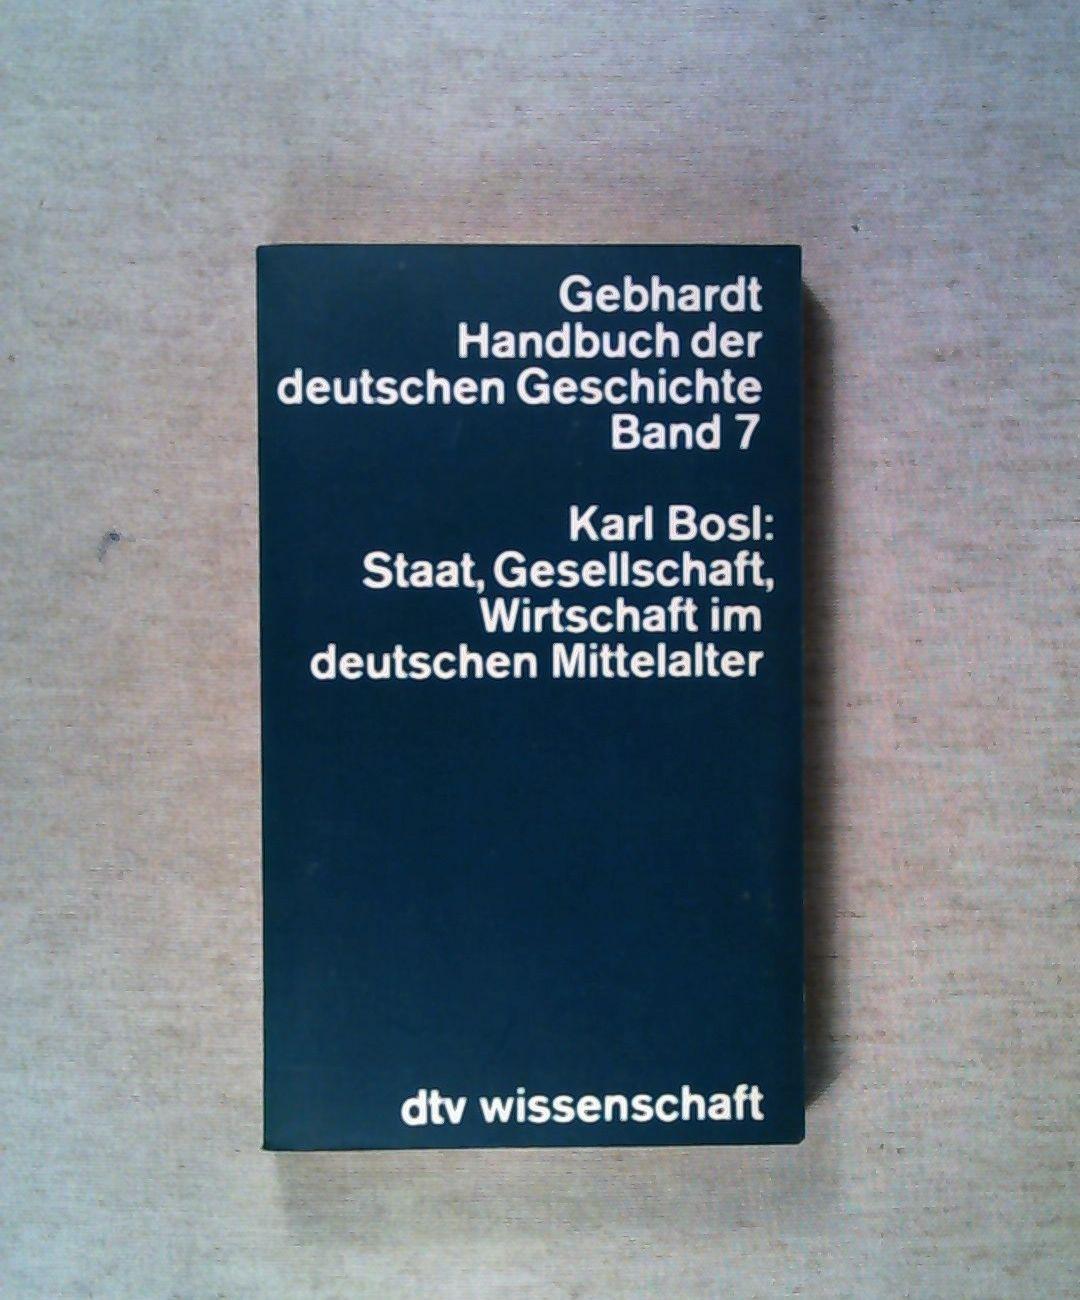 Gebhardt Handbuch der deutschen Geschichte, Bd. 7: Staat, Gesellschaft, Wirtschaft im deutschen Mittelalter